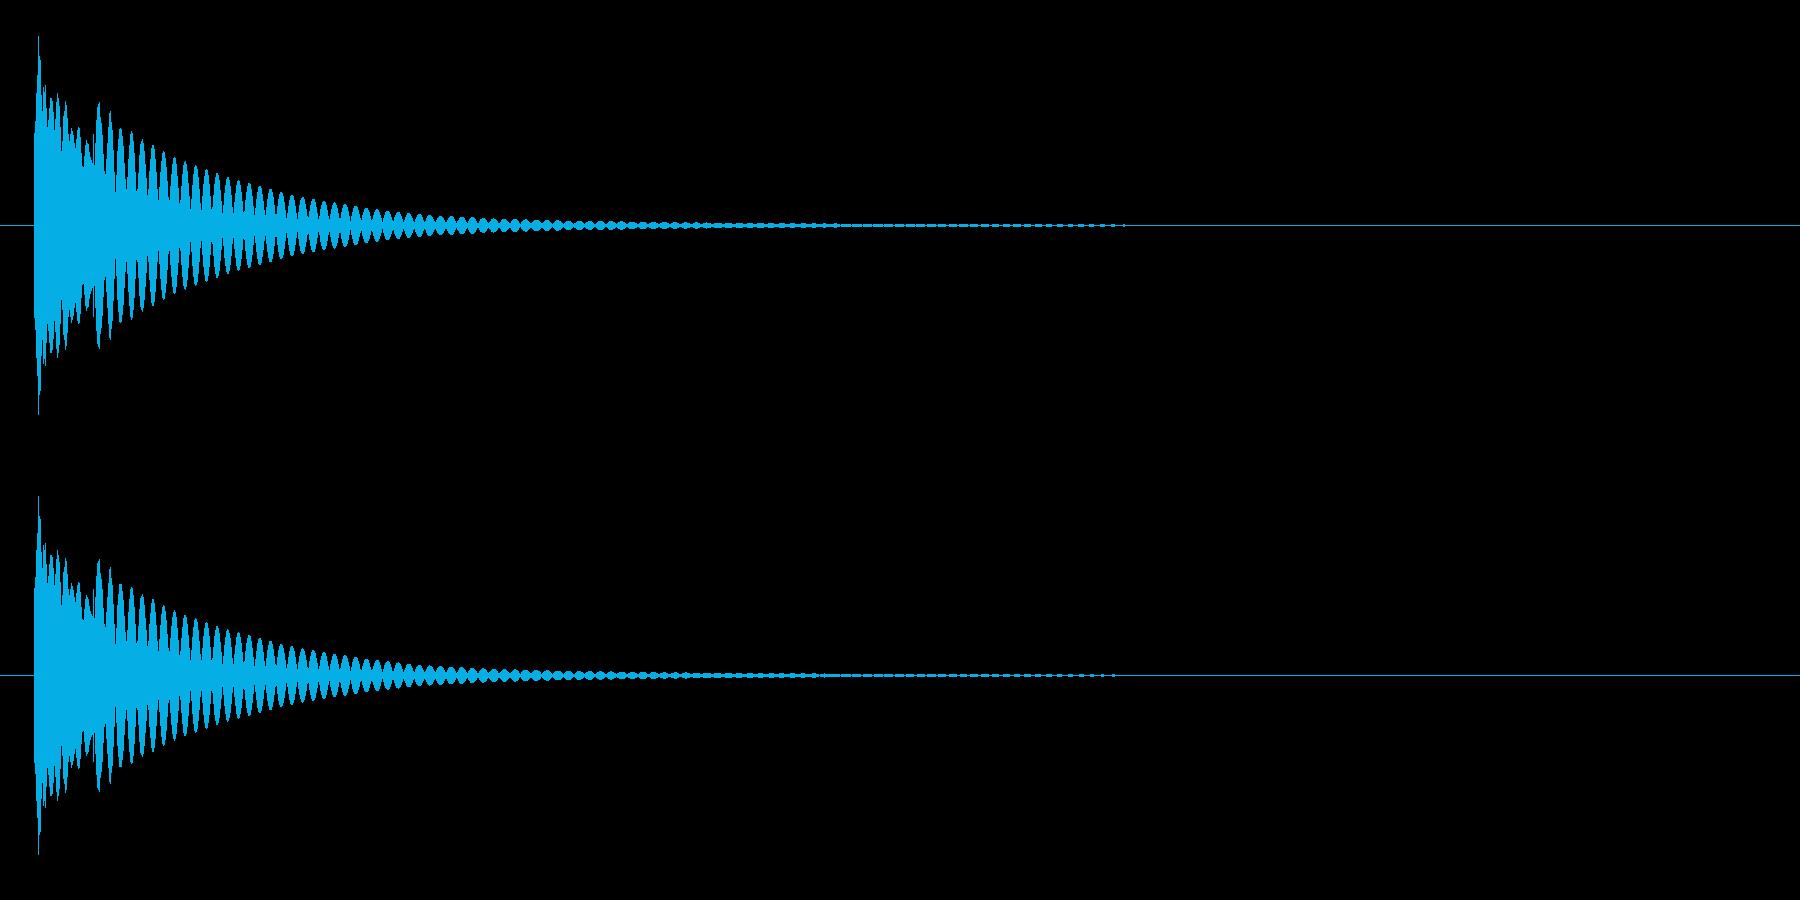 りん・持鈴「チリーン」#1の再生済みの波形